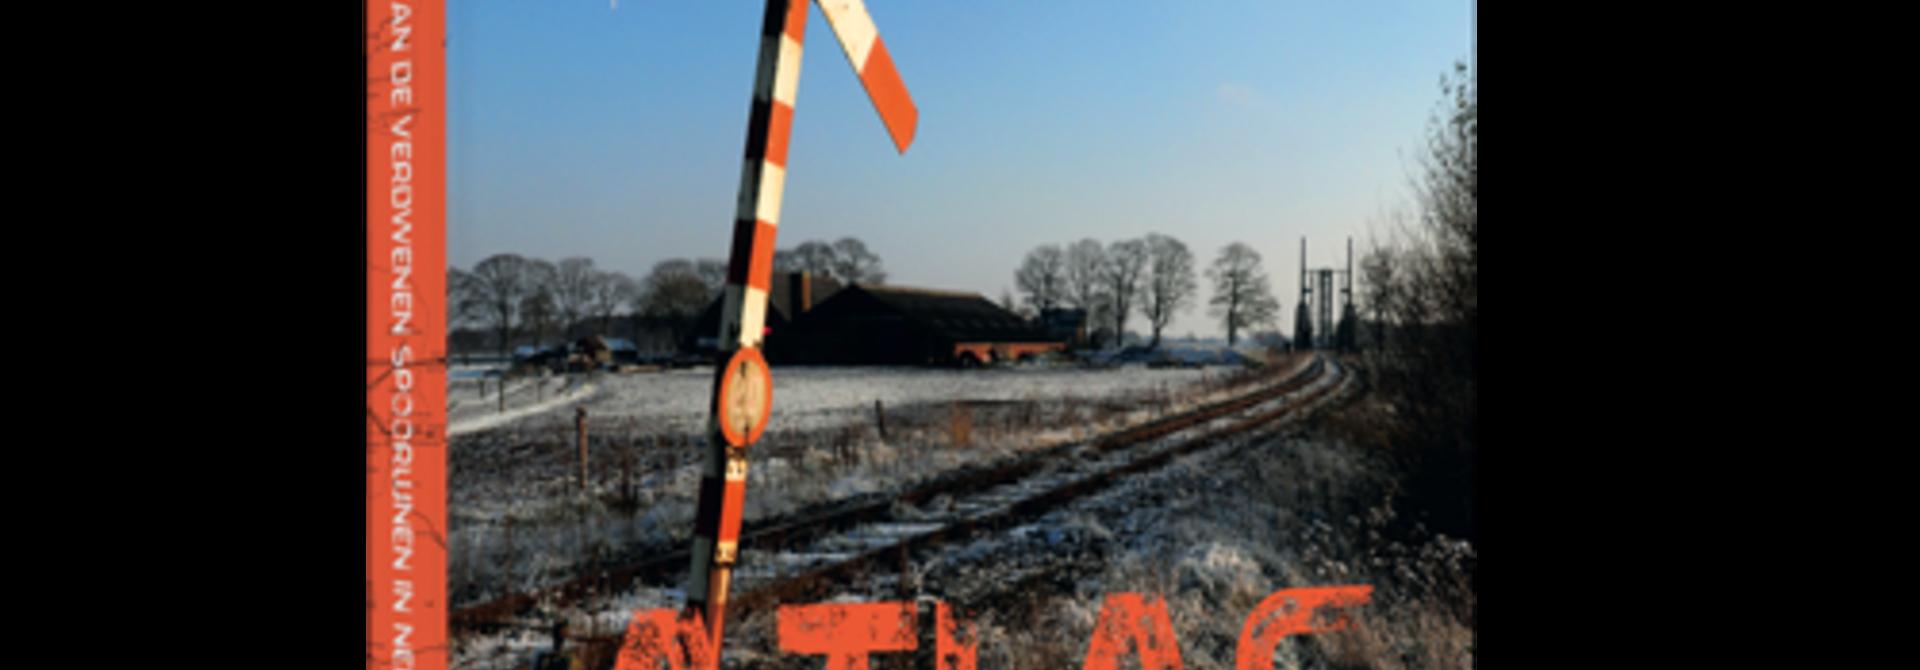 Atlas van de verdwenen spoorwegen in Nederland